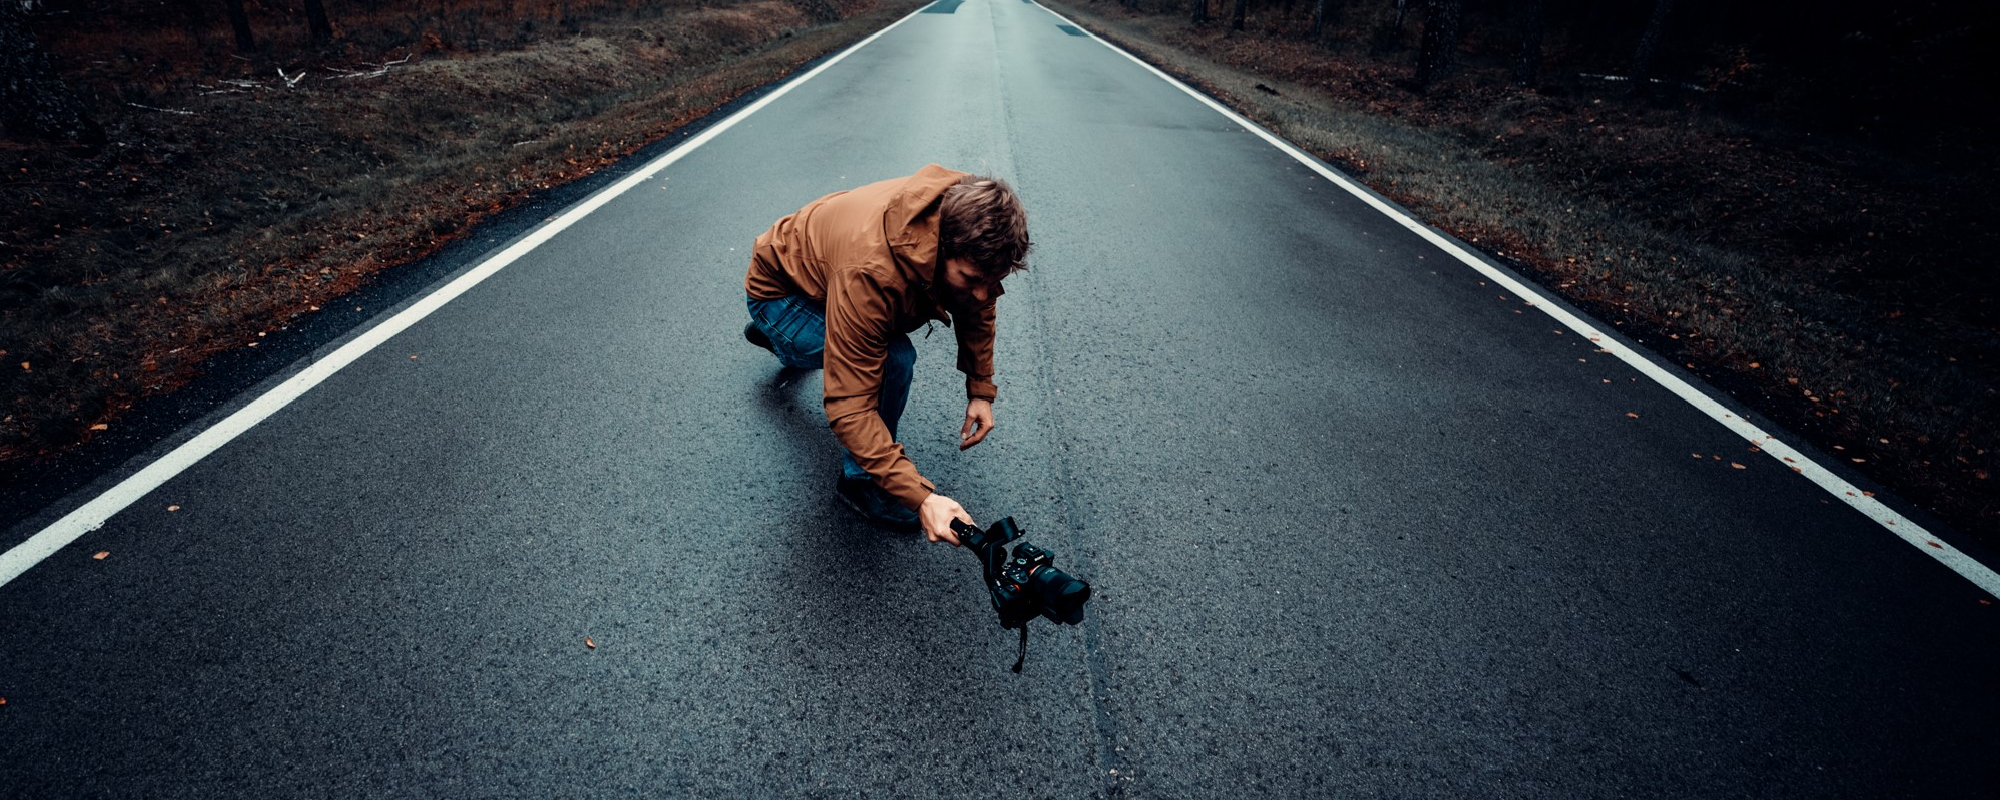 Zdjęcie - osoba na środku drogi, kucająca, trzymająca w ręku gimbala i filmująca coś z niskiej perspektywy